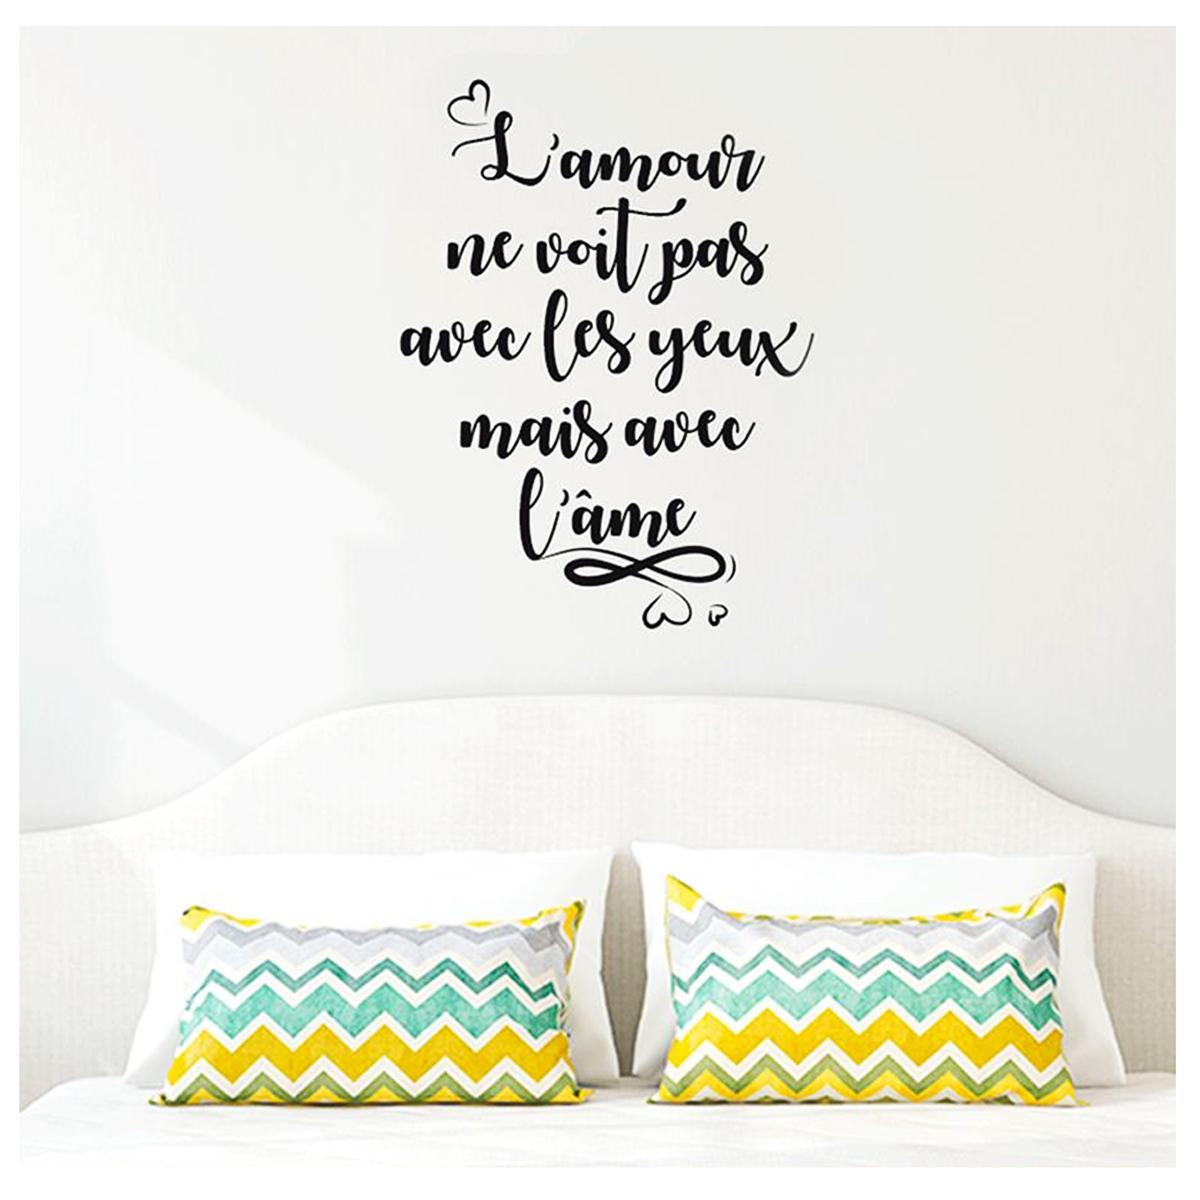 Planche de stickers \'Messages\' (\'L\'amour ne voit pas avec les yeux mais avec l\'âme\') - 50x70 cm - [P2742]